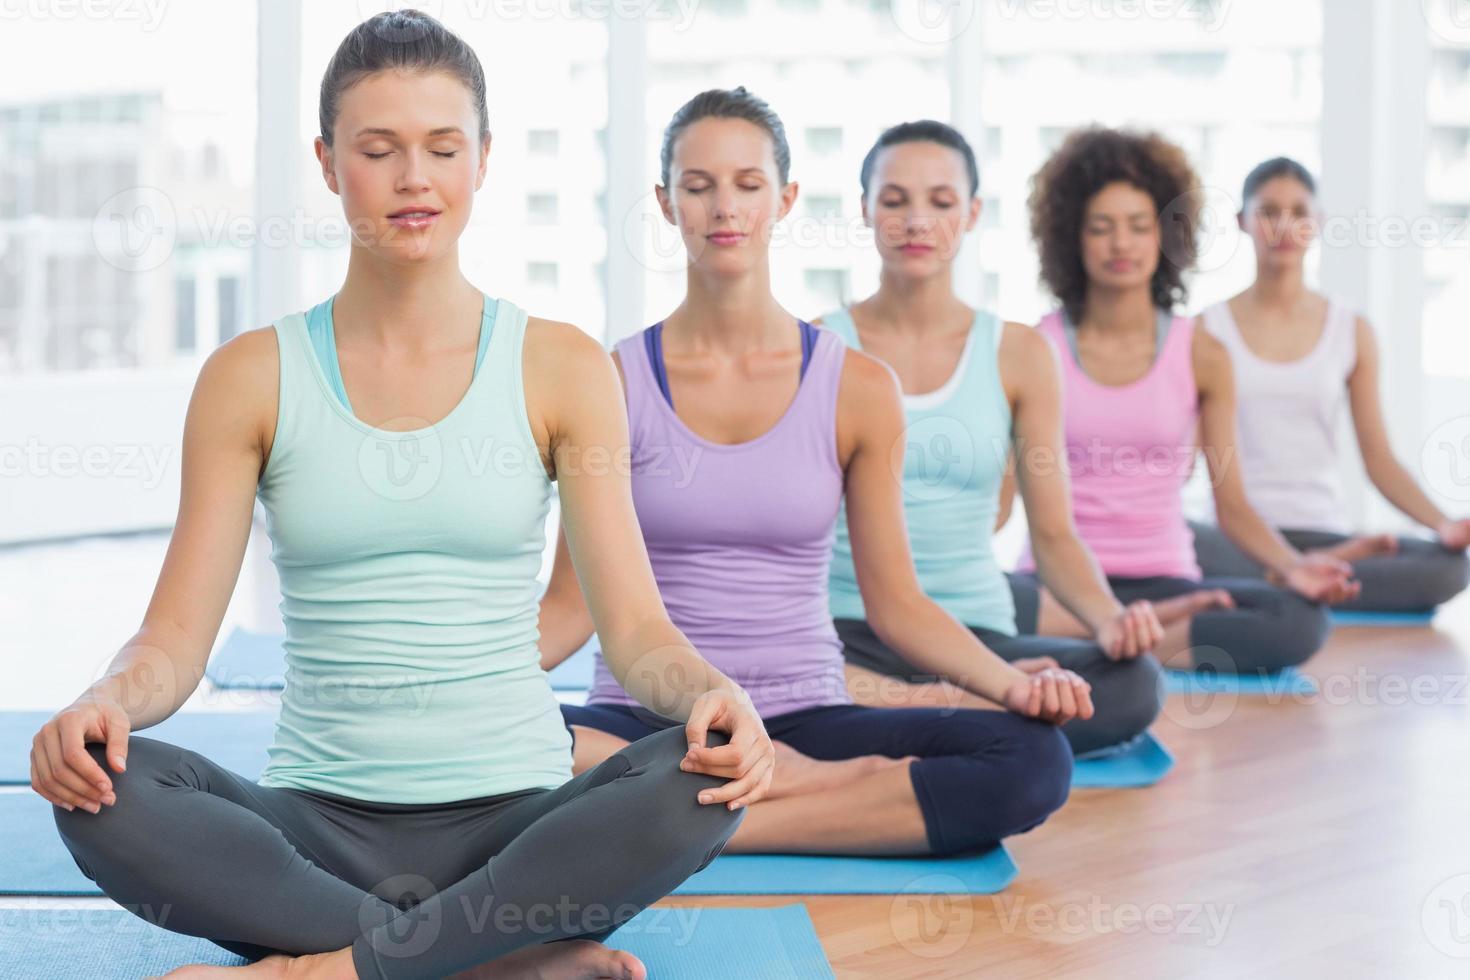 femmes sportives en méditation posent les yeux fermés photo